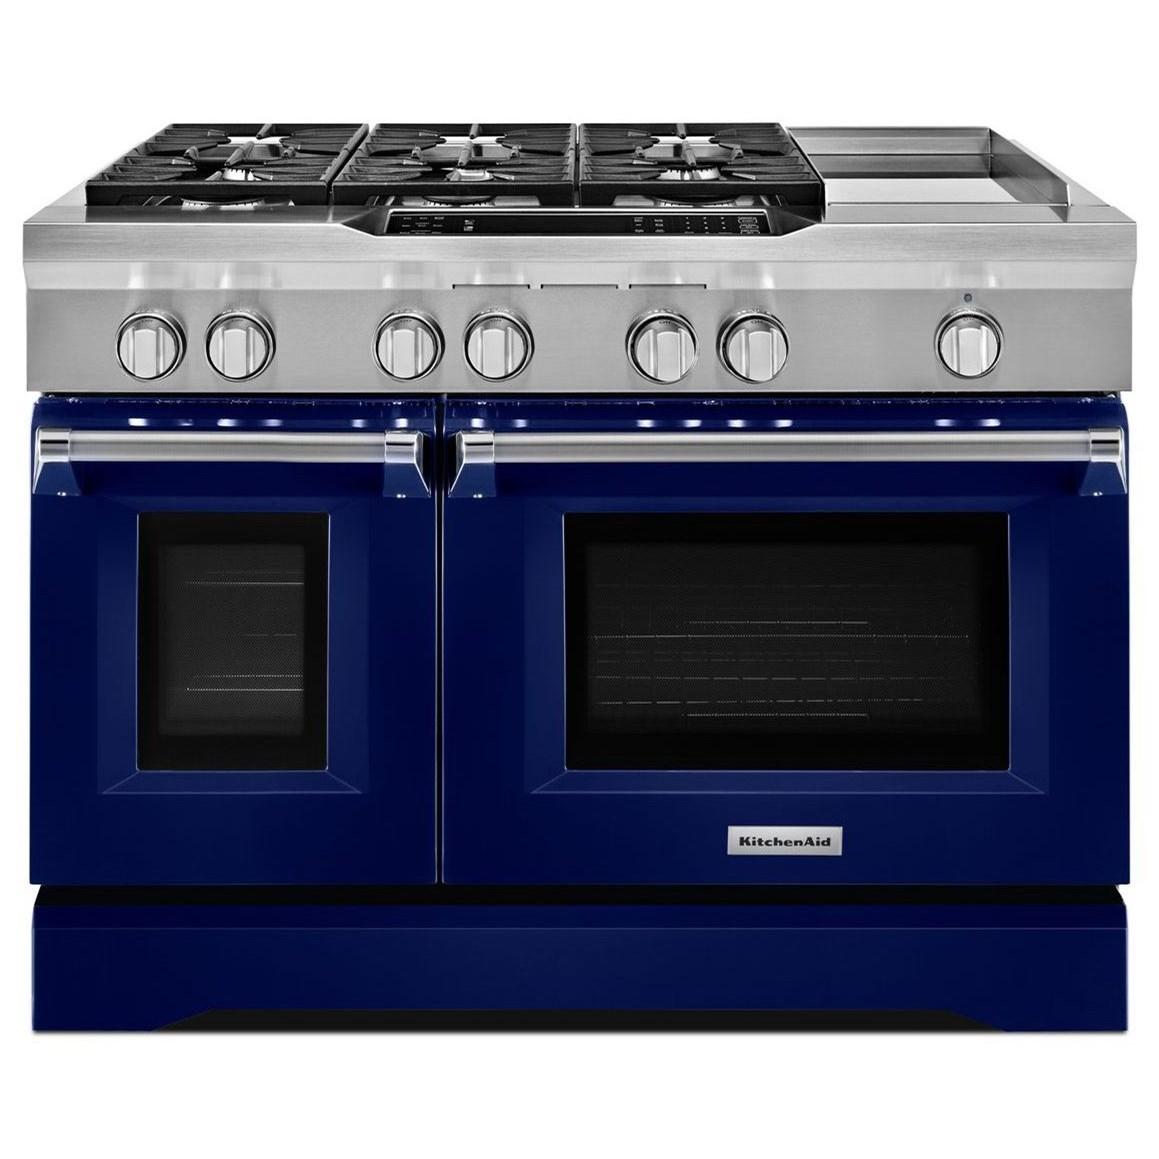 Delicieux KitchenAid Dual Fuel Ranges48